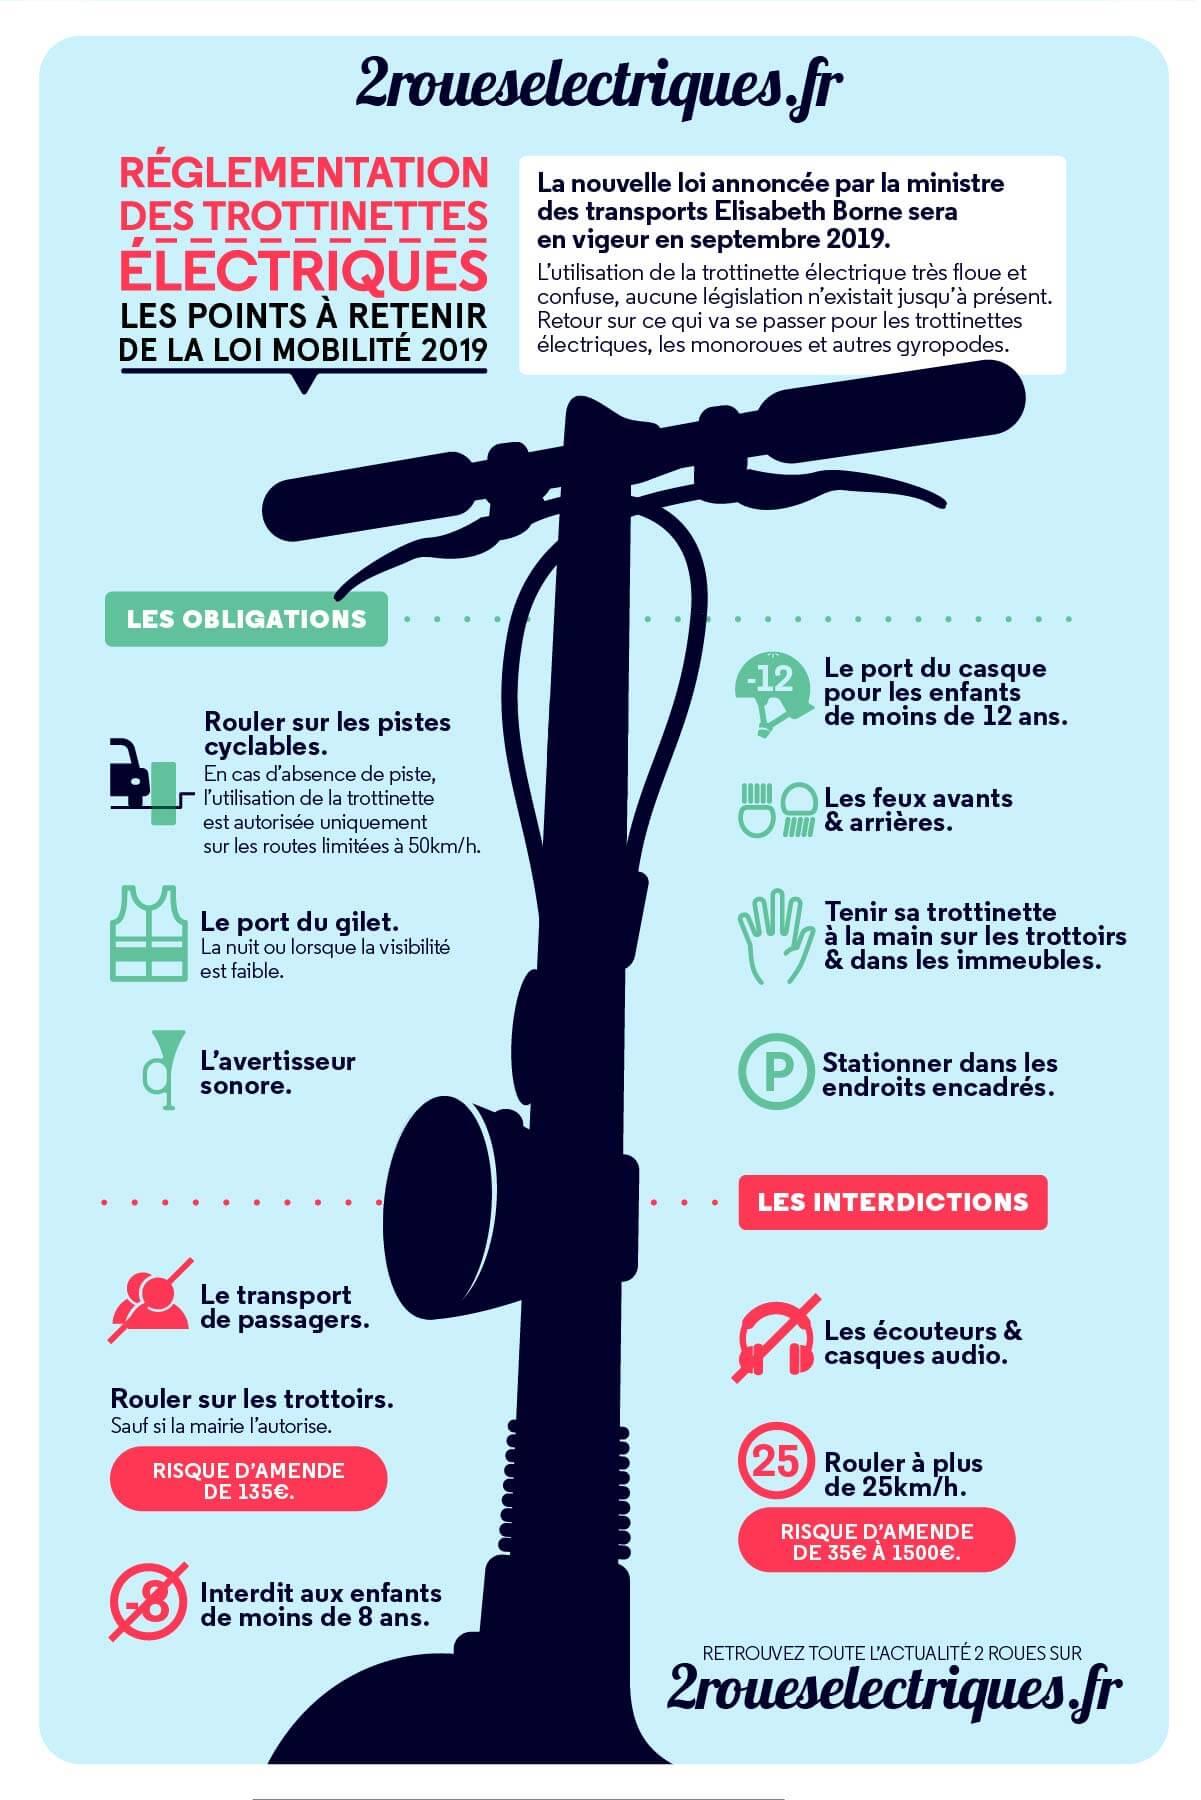 la r u00e9glementation des trottinettes  u00e9lectriques  r u00e9sum u00e9 loi mobilit u00e9 2019